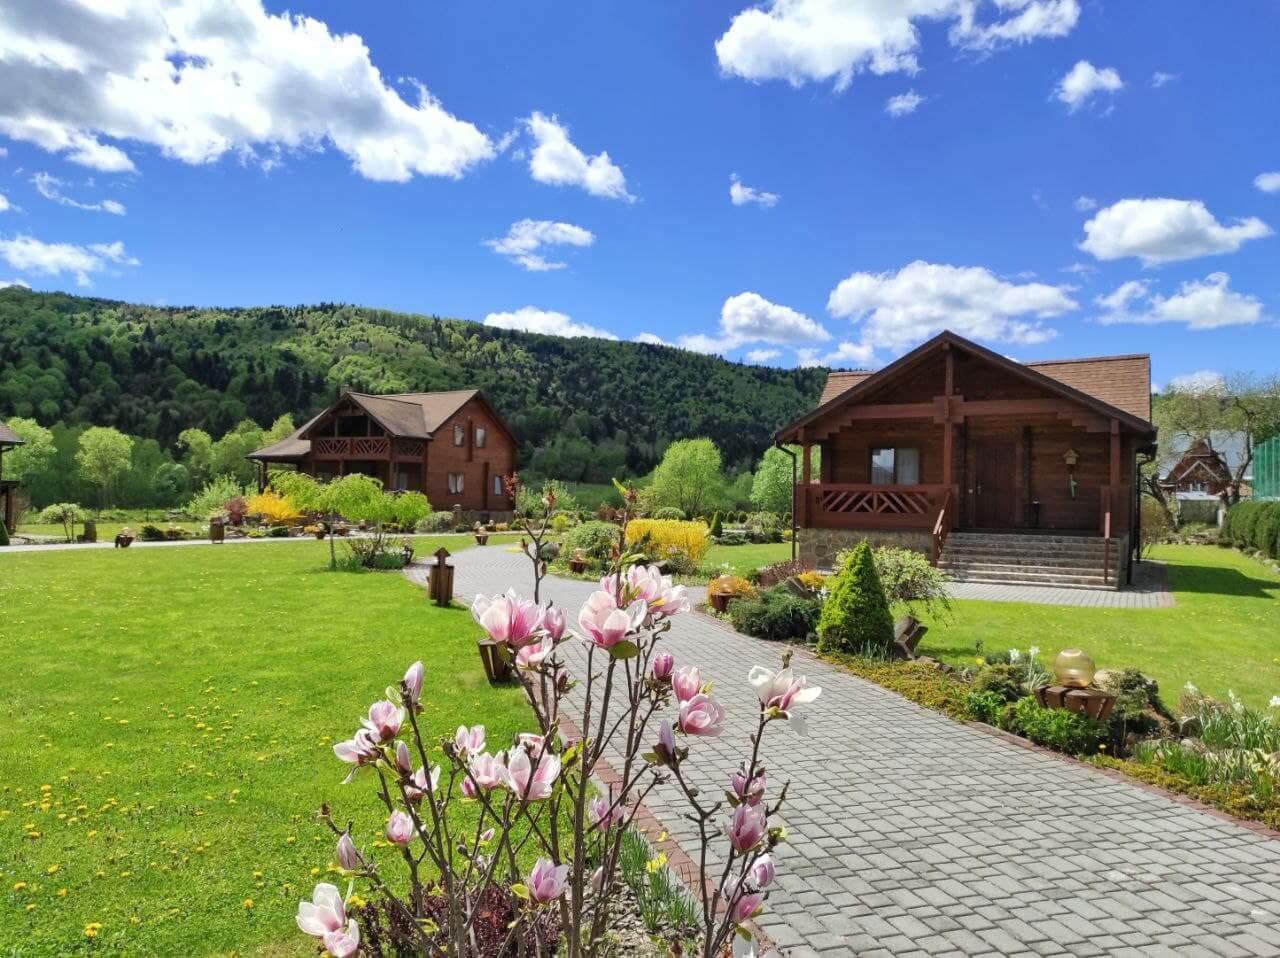 комплекс Таор для летнего отдыха